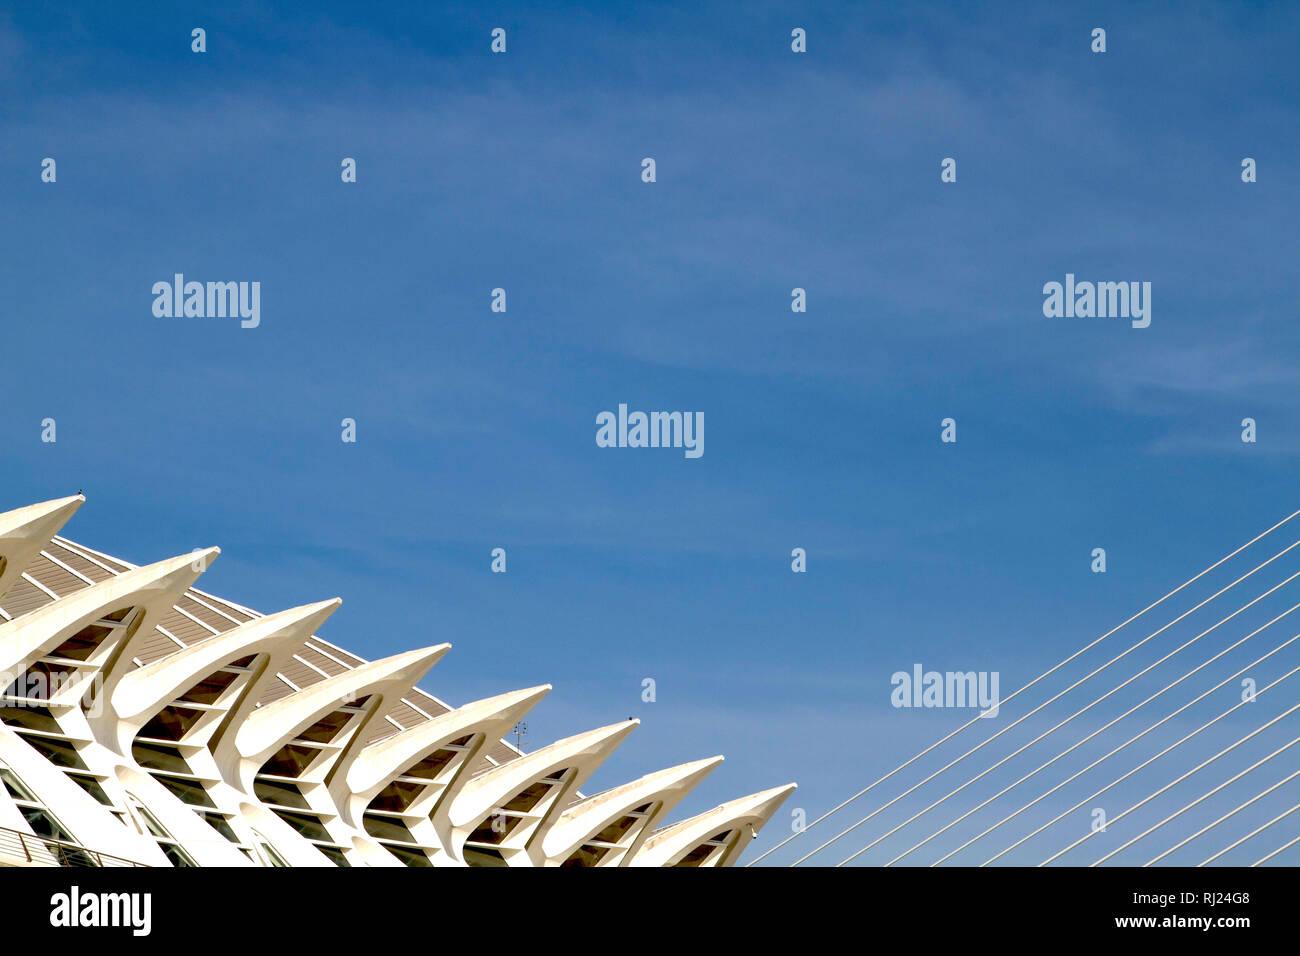 Valencia-Science museum windows - Stock Image